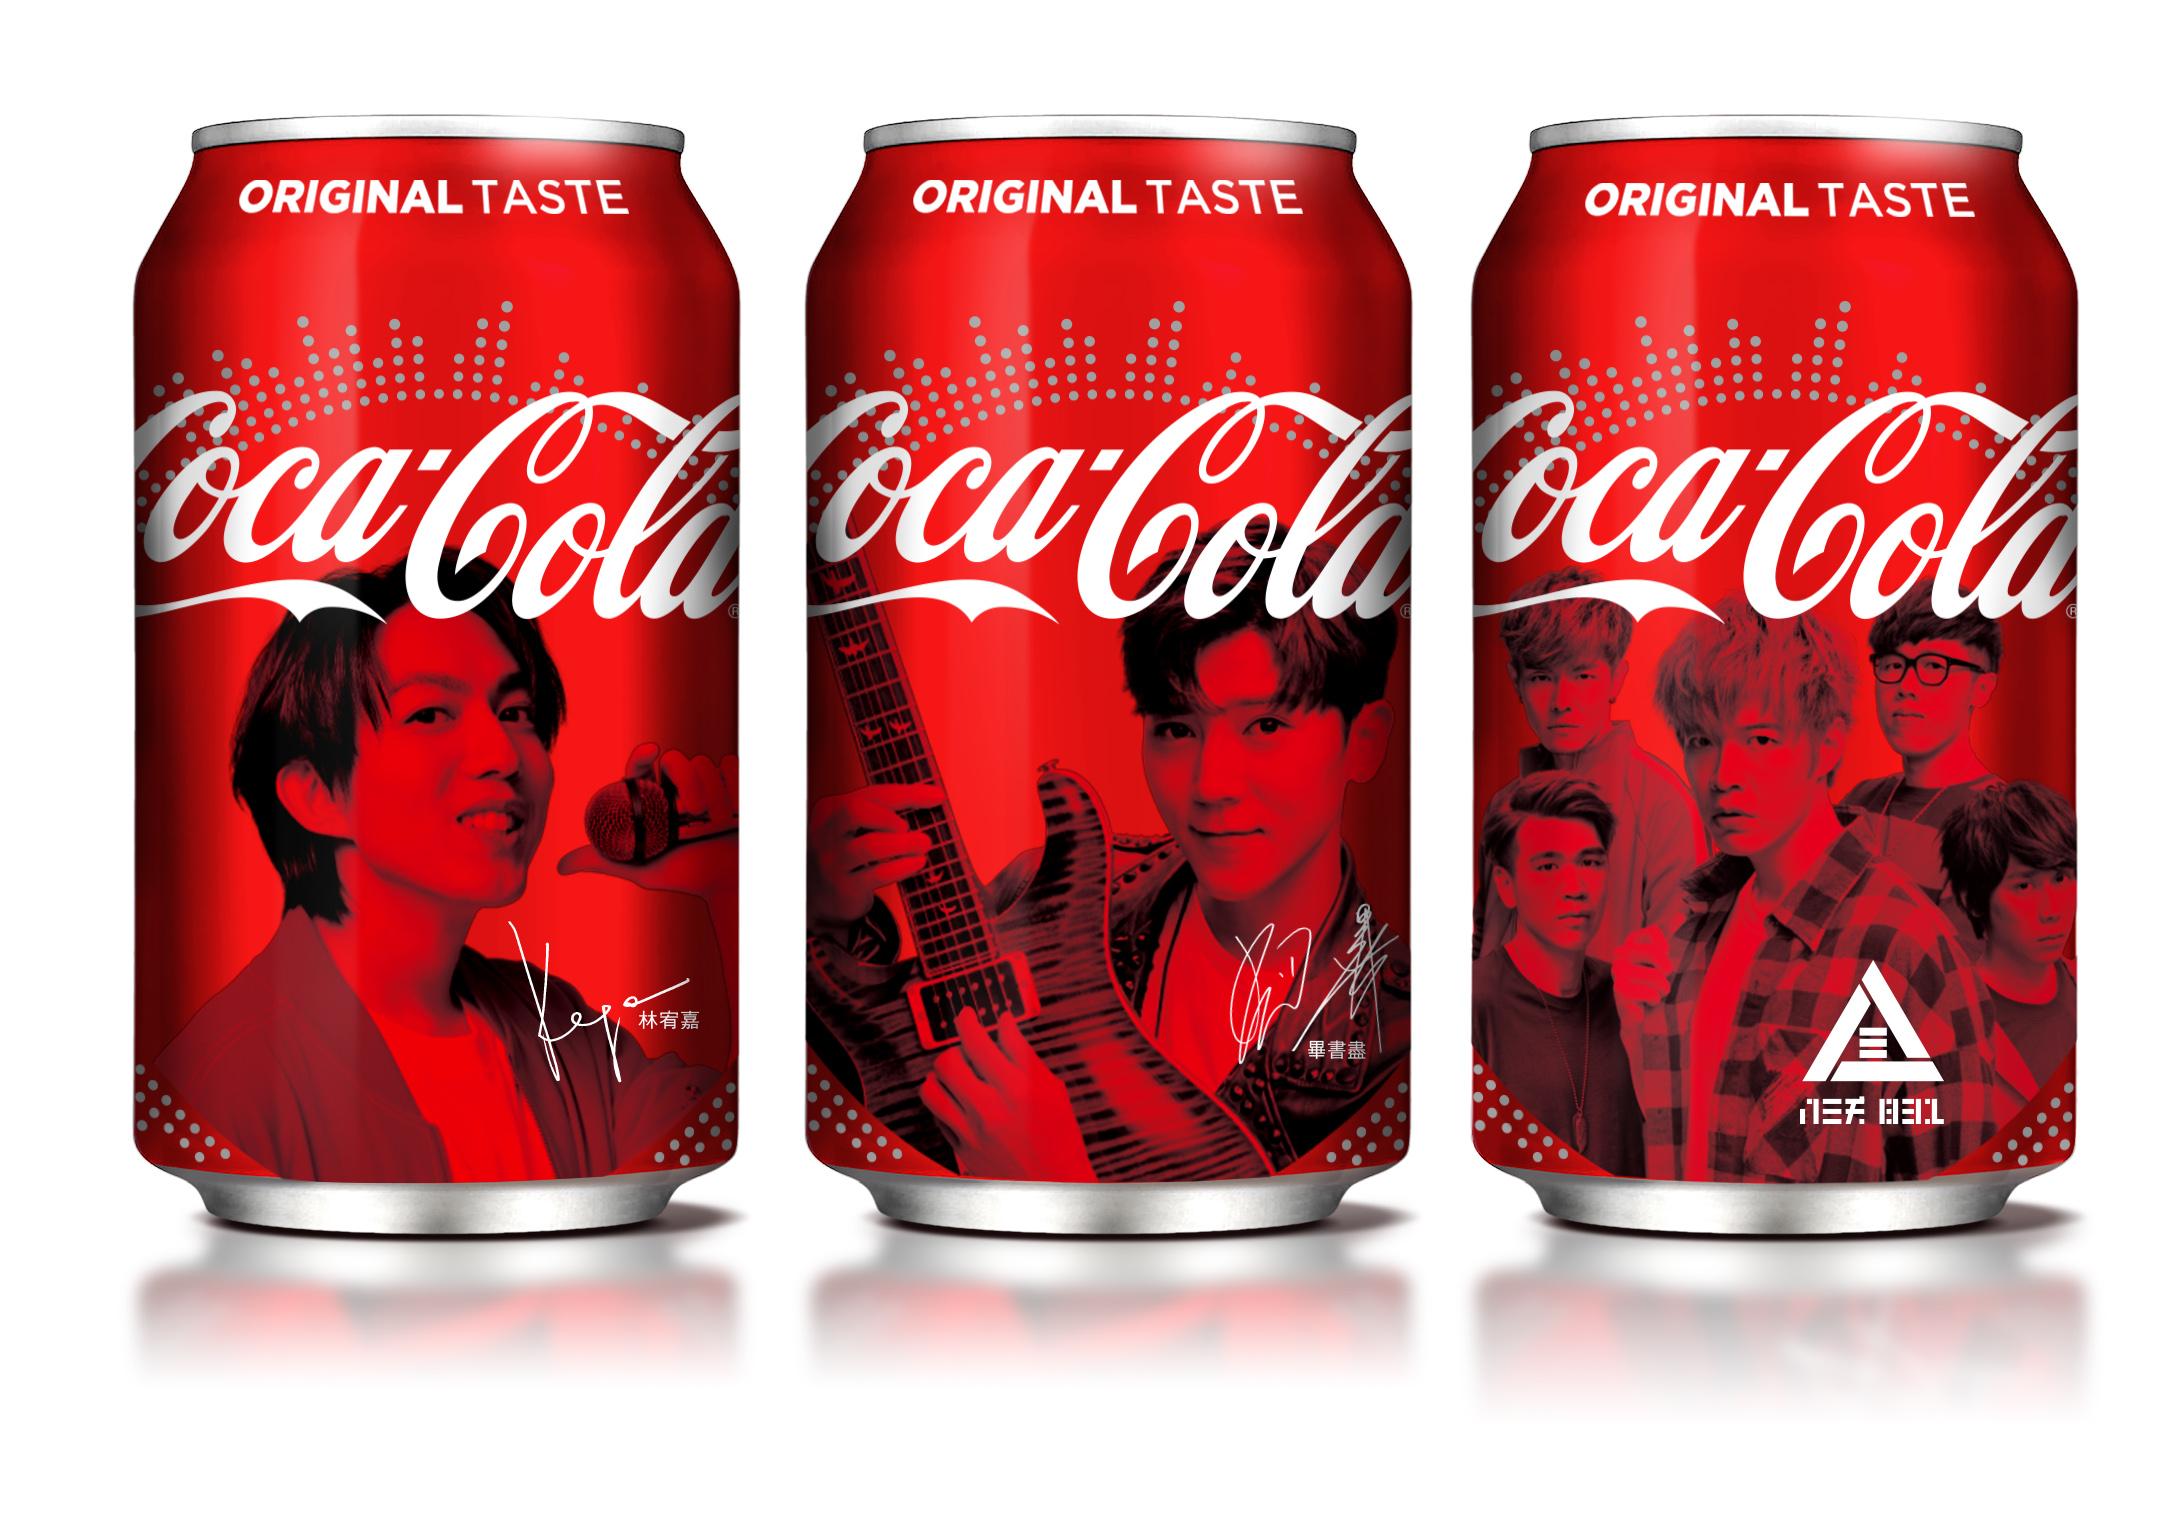 林宥嘉,八三夭齊代言!魅力肖像躍上「可口可樂」瓶身。零距離互動讓歌迷勁享驚喜~     品牌新聞 ...